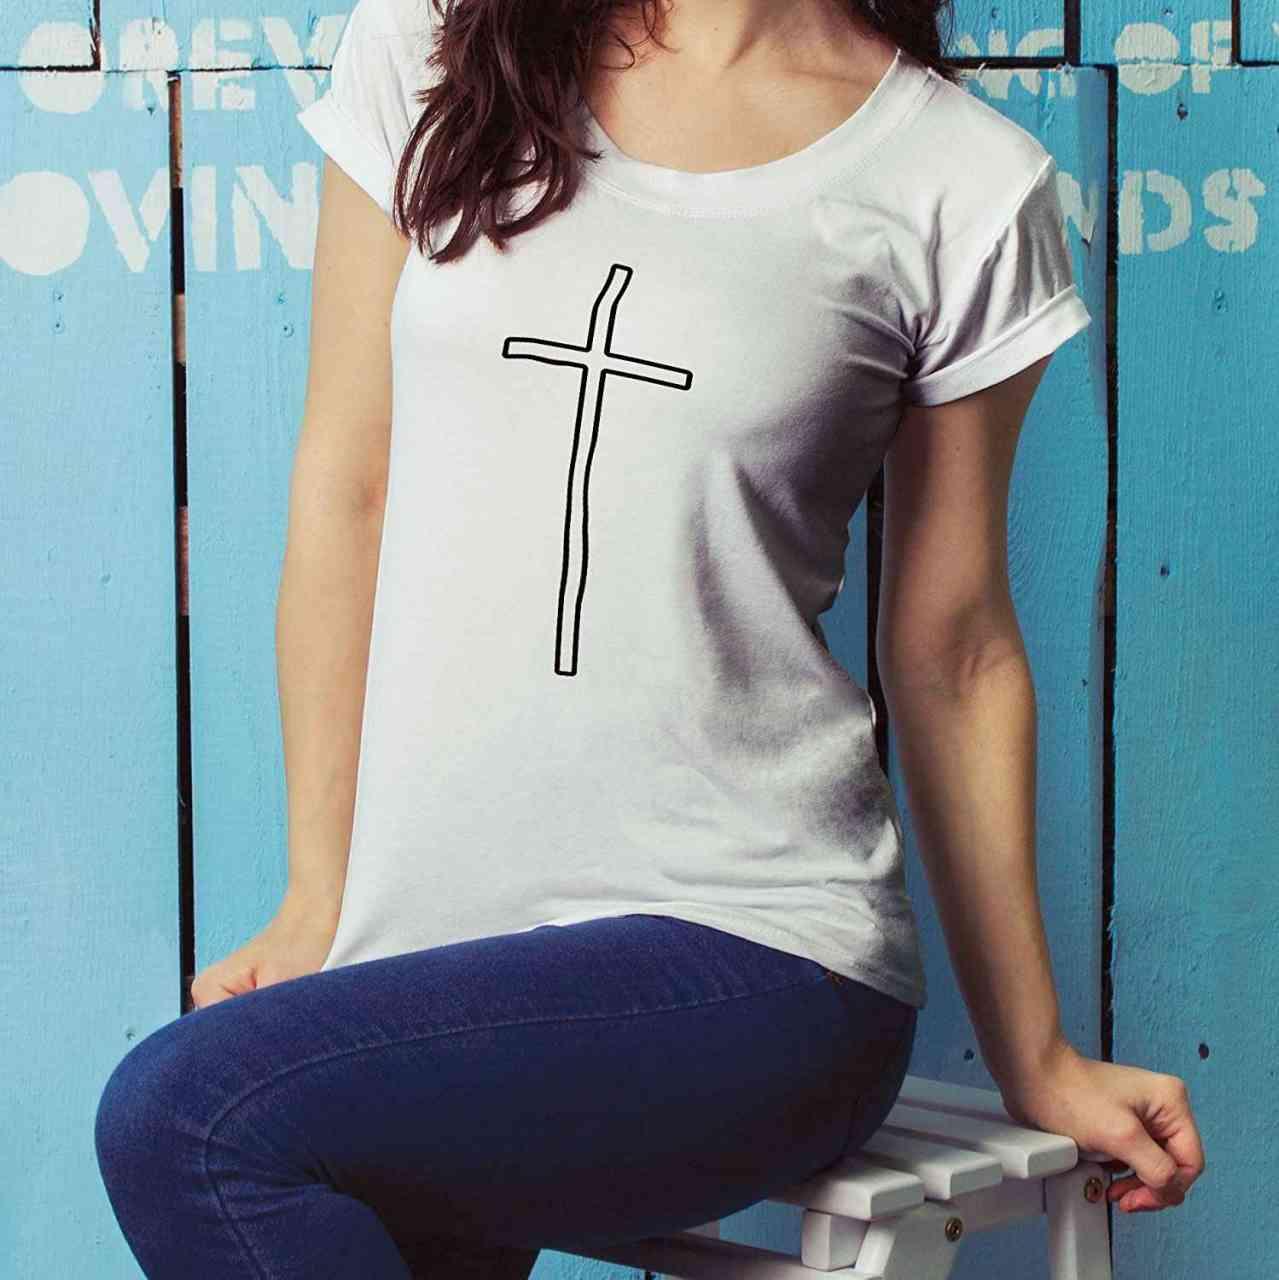 Kreuz T-Shirt | Männer oder Frauen (Unisex) 2018 New Design | picknstick